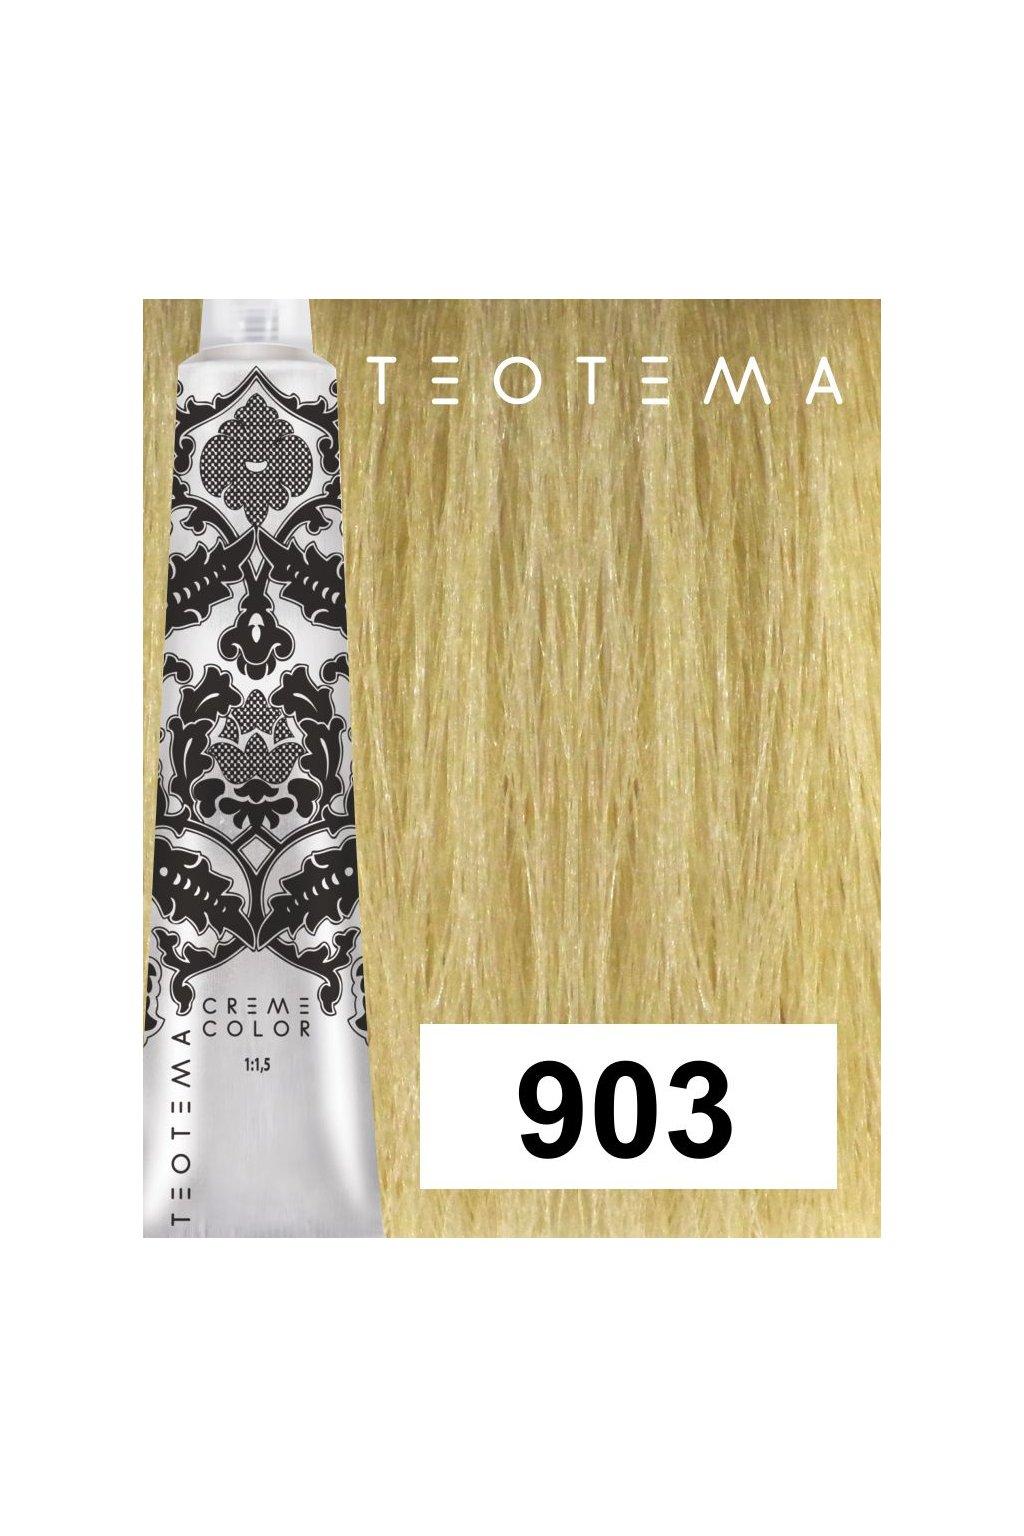 903 teotema